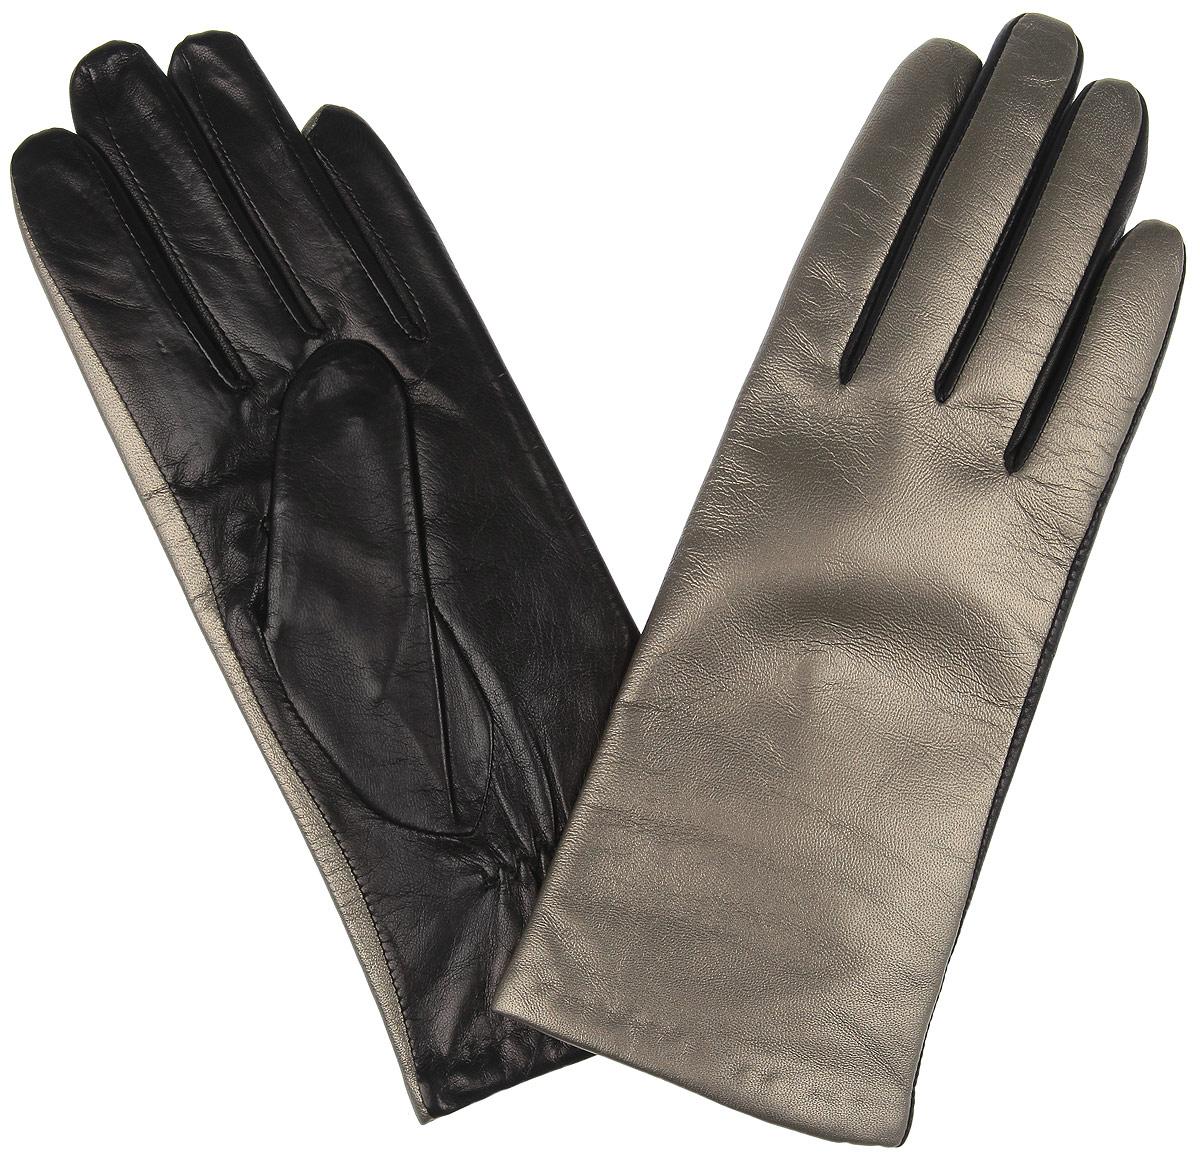 2.68-24 bronzeДвухцветные эксклюзивные женские перчатки Fabretti классического кроя , декорированы металлизированной кожей бронзового цвета. Перчатки выполнены из высококачественной натуральной кожи, а их подкладка - из шерсти с добавлением кашемира. Тыльная сторона дополнена резинкой для оптимальной посадки модели на руке. Перчатки станут завершающим и подчеркивающим элементом вашего стиля и неповторимости.